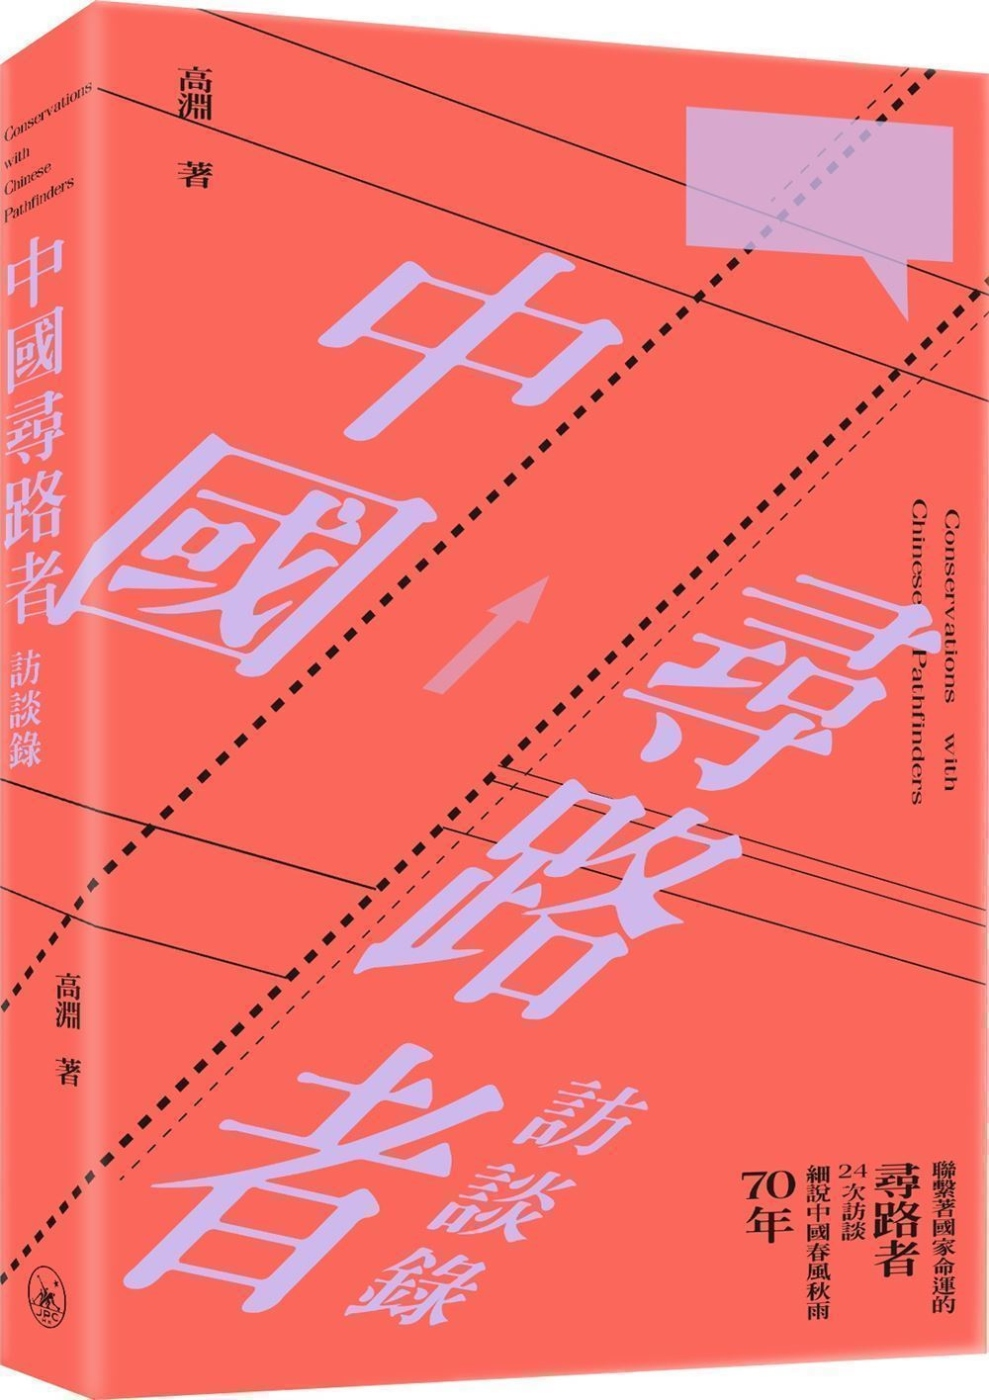 中國尋路者訪談錄